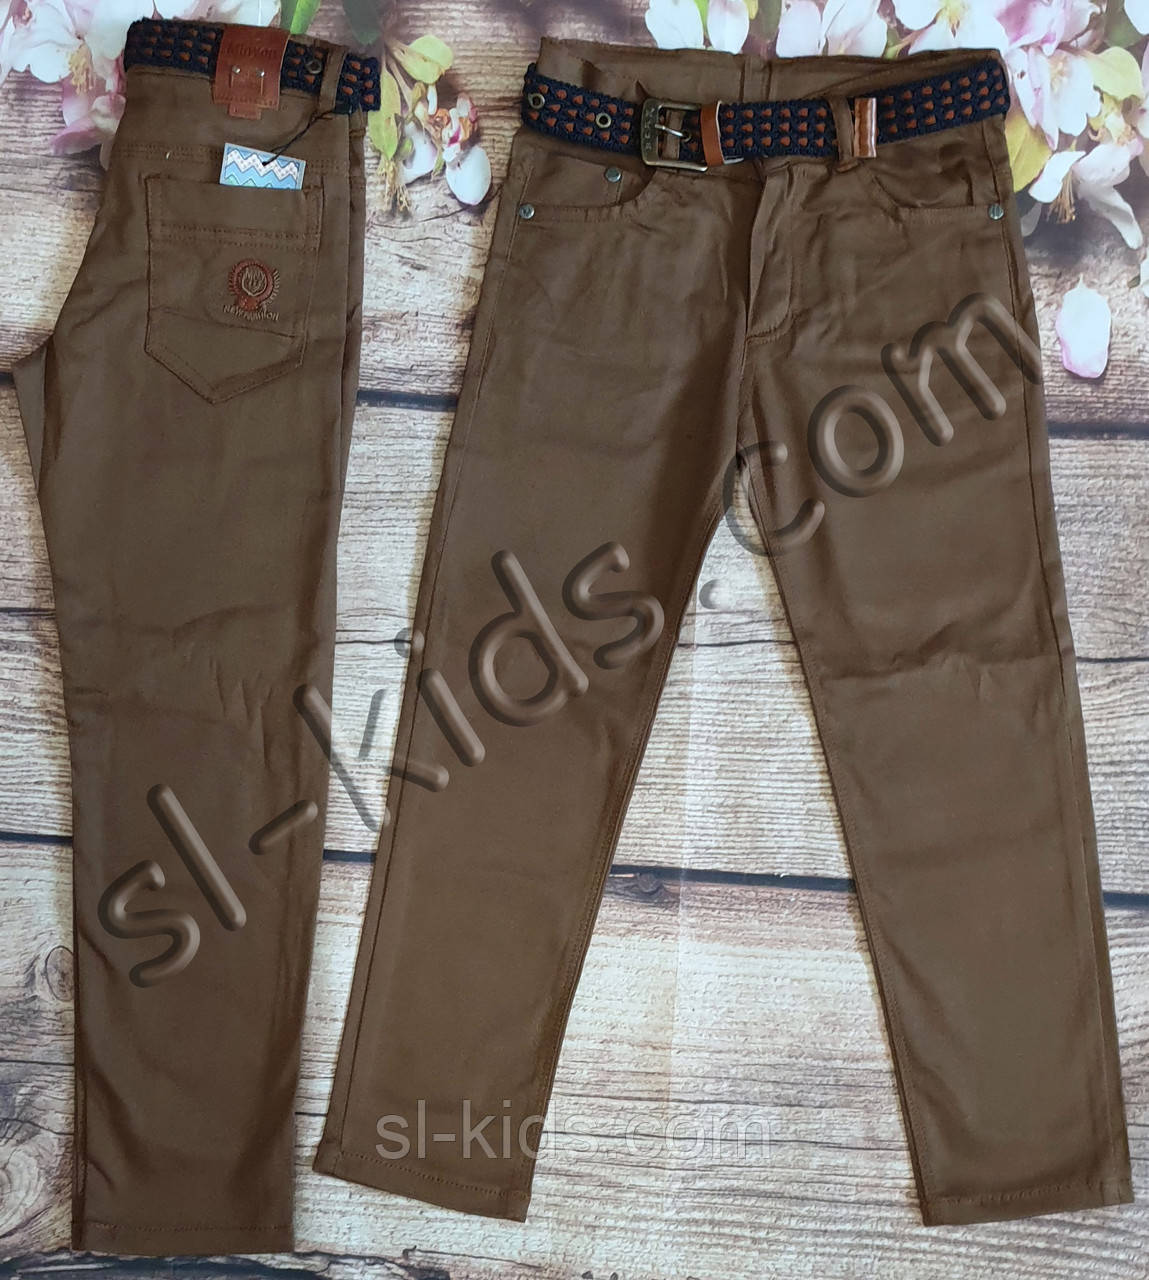 Яскраві штани,джинси для хлопчика 8-12 років(коричневі) розд пр. Туреччина